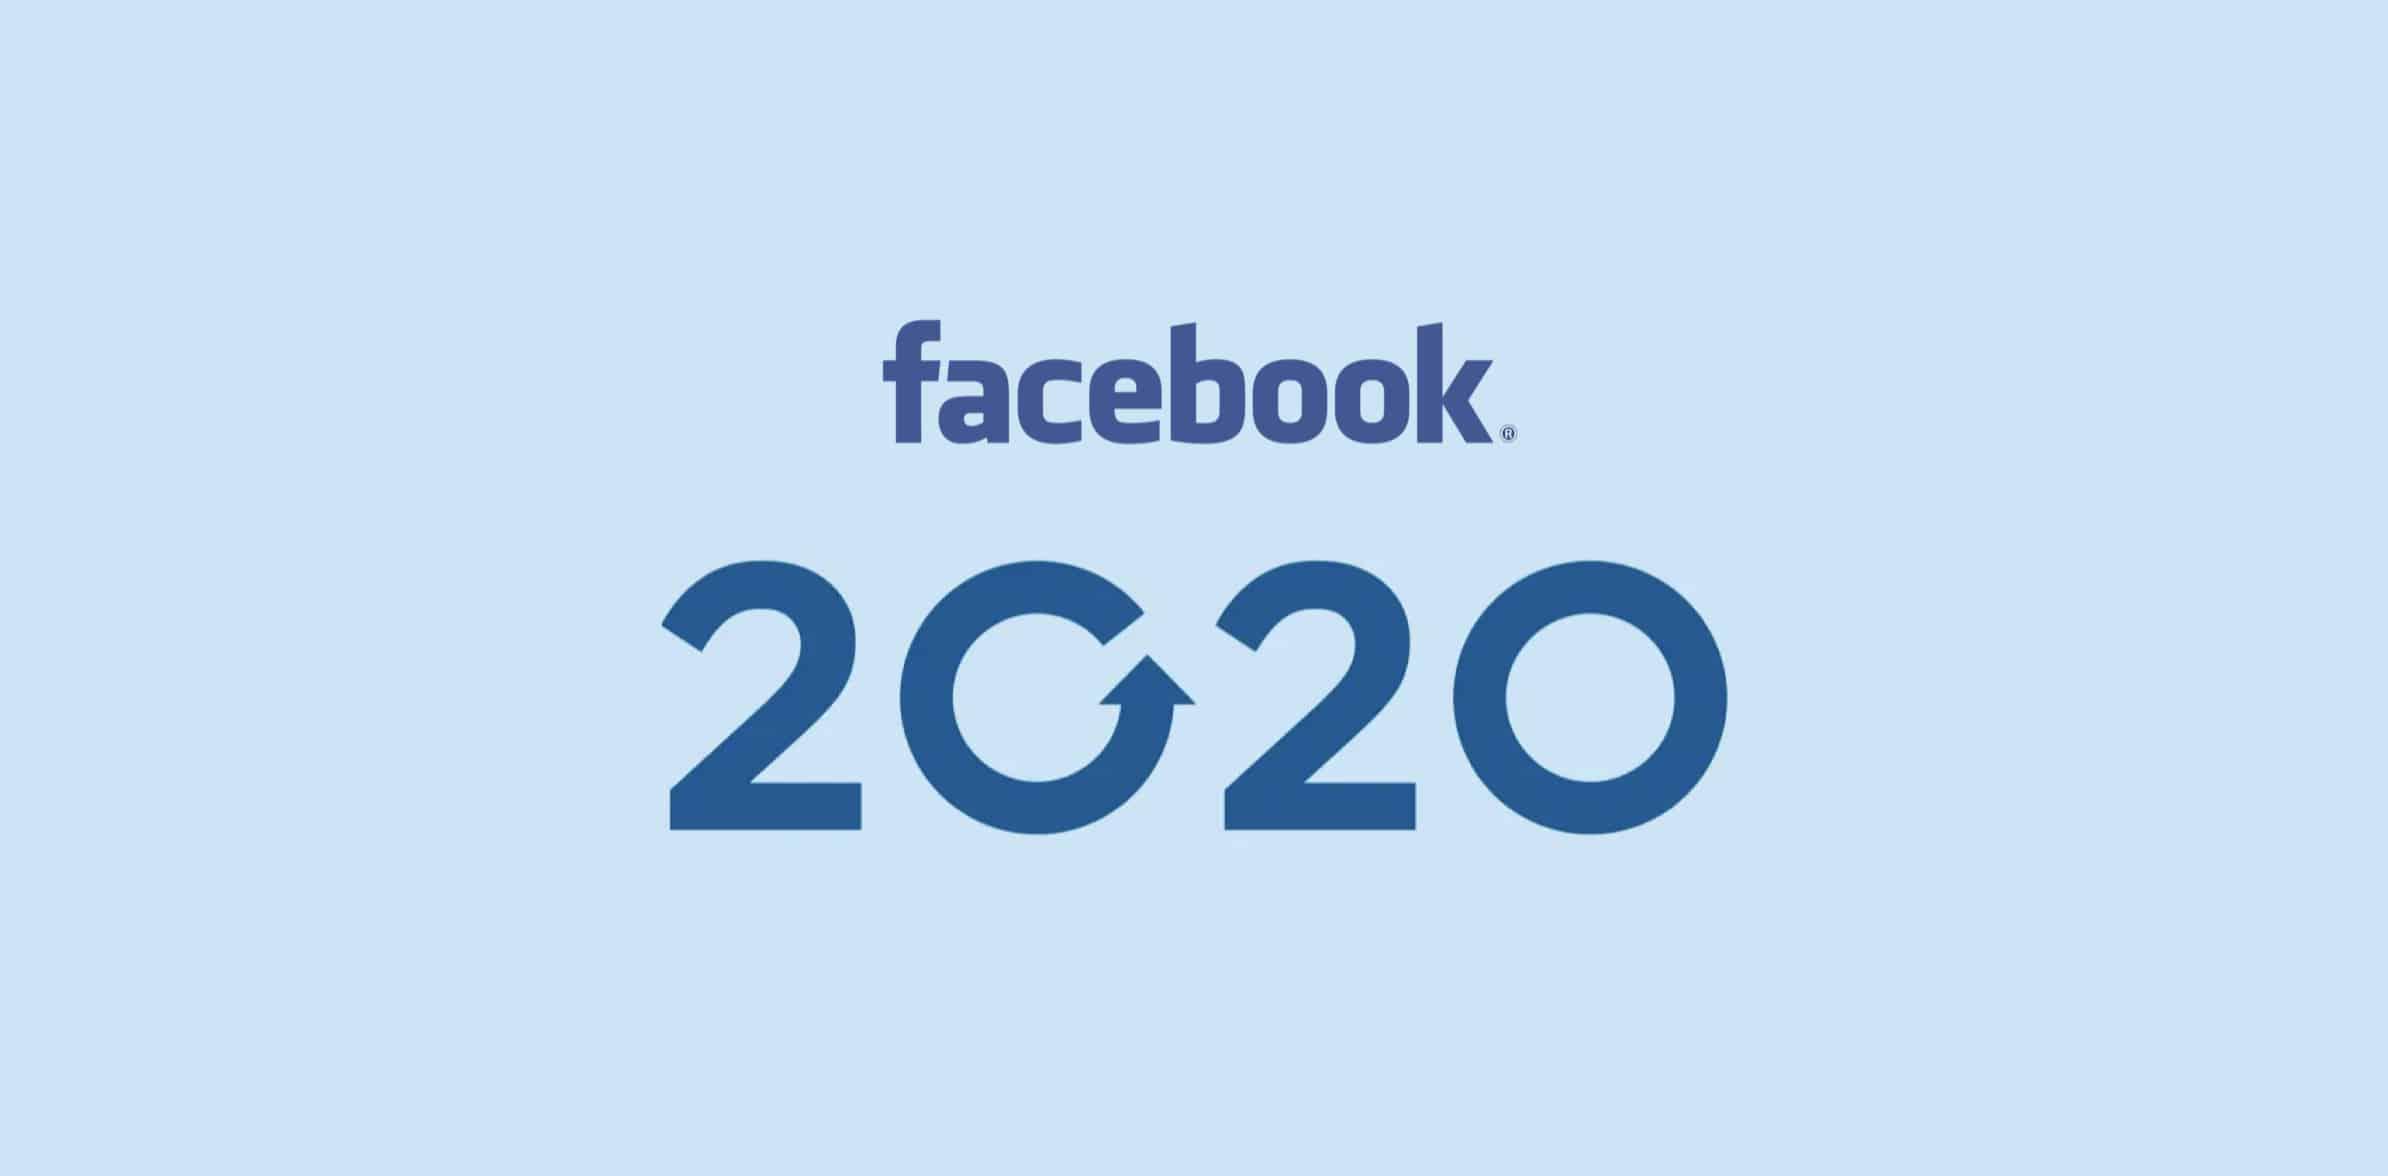 ภาพรวม Facebook 2020 ว่าคนใช้งานแพลตฟอร์มอย่างไรบ้าง